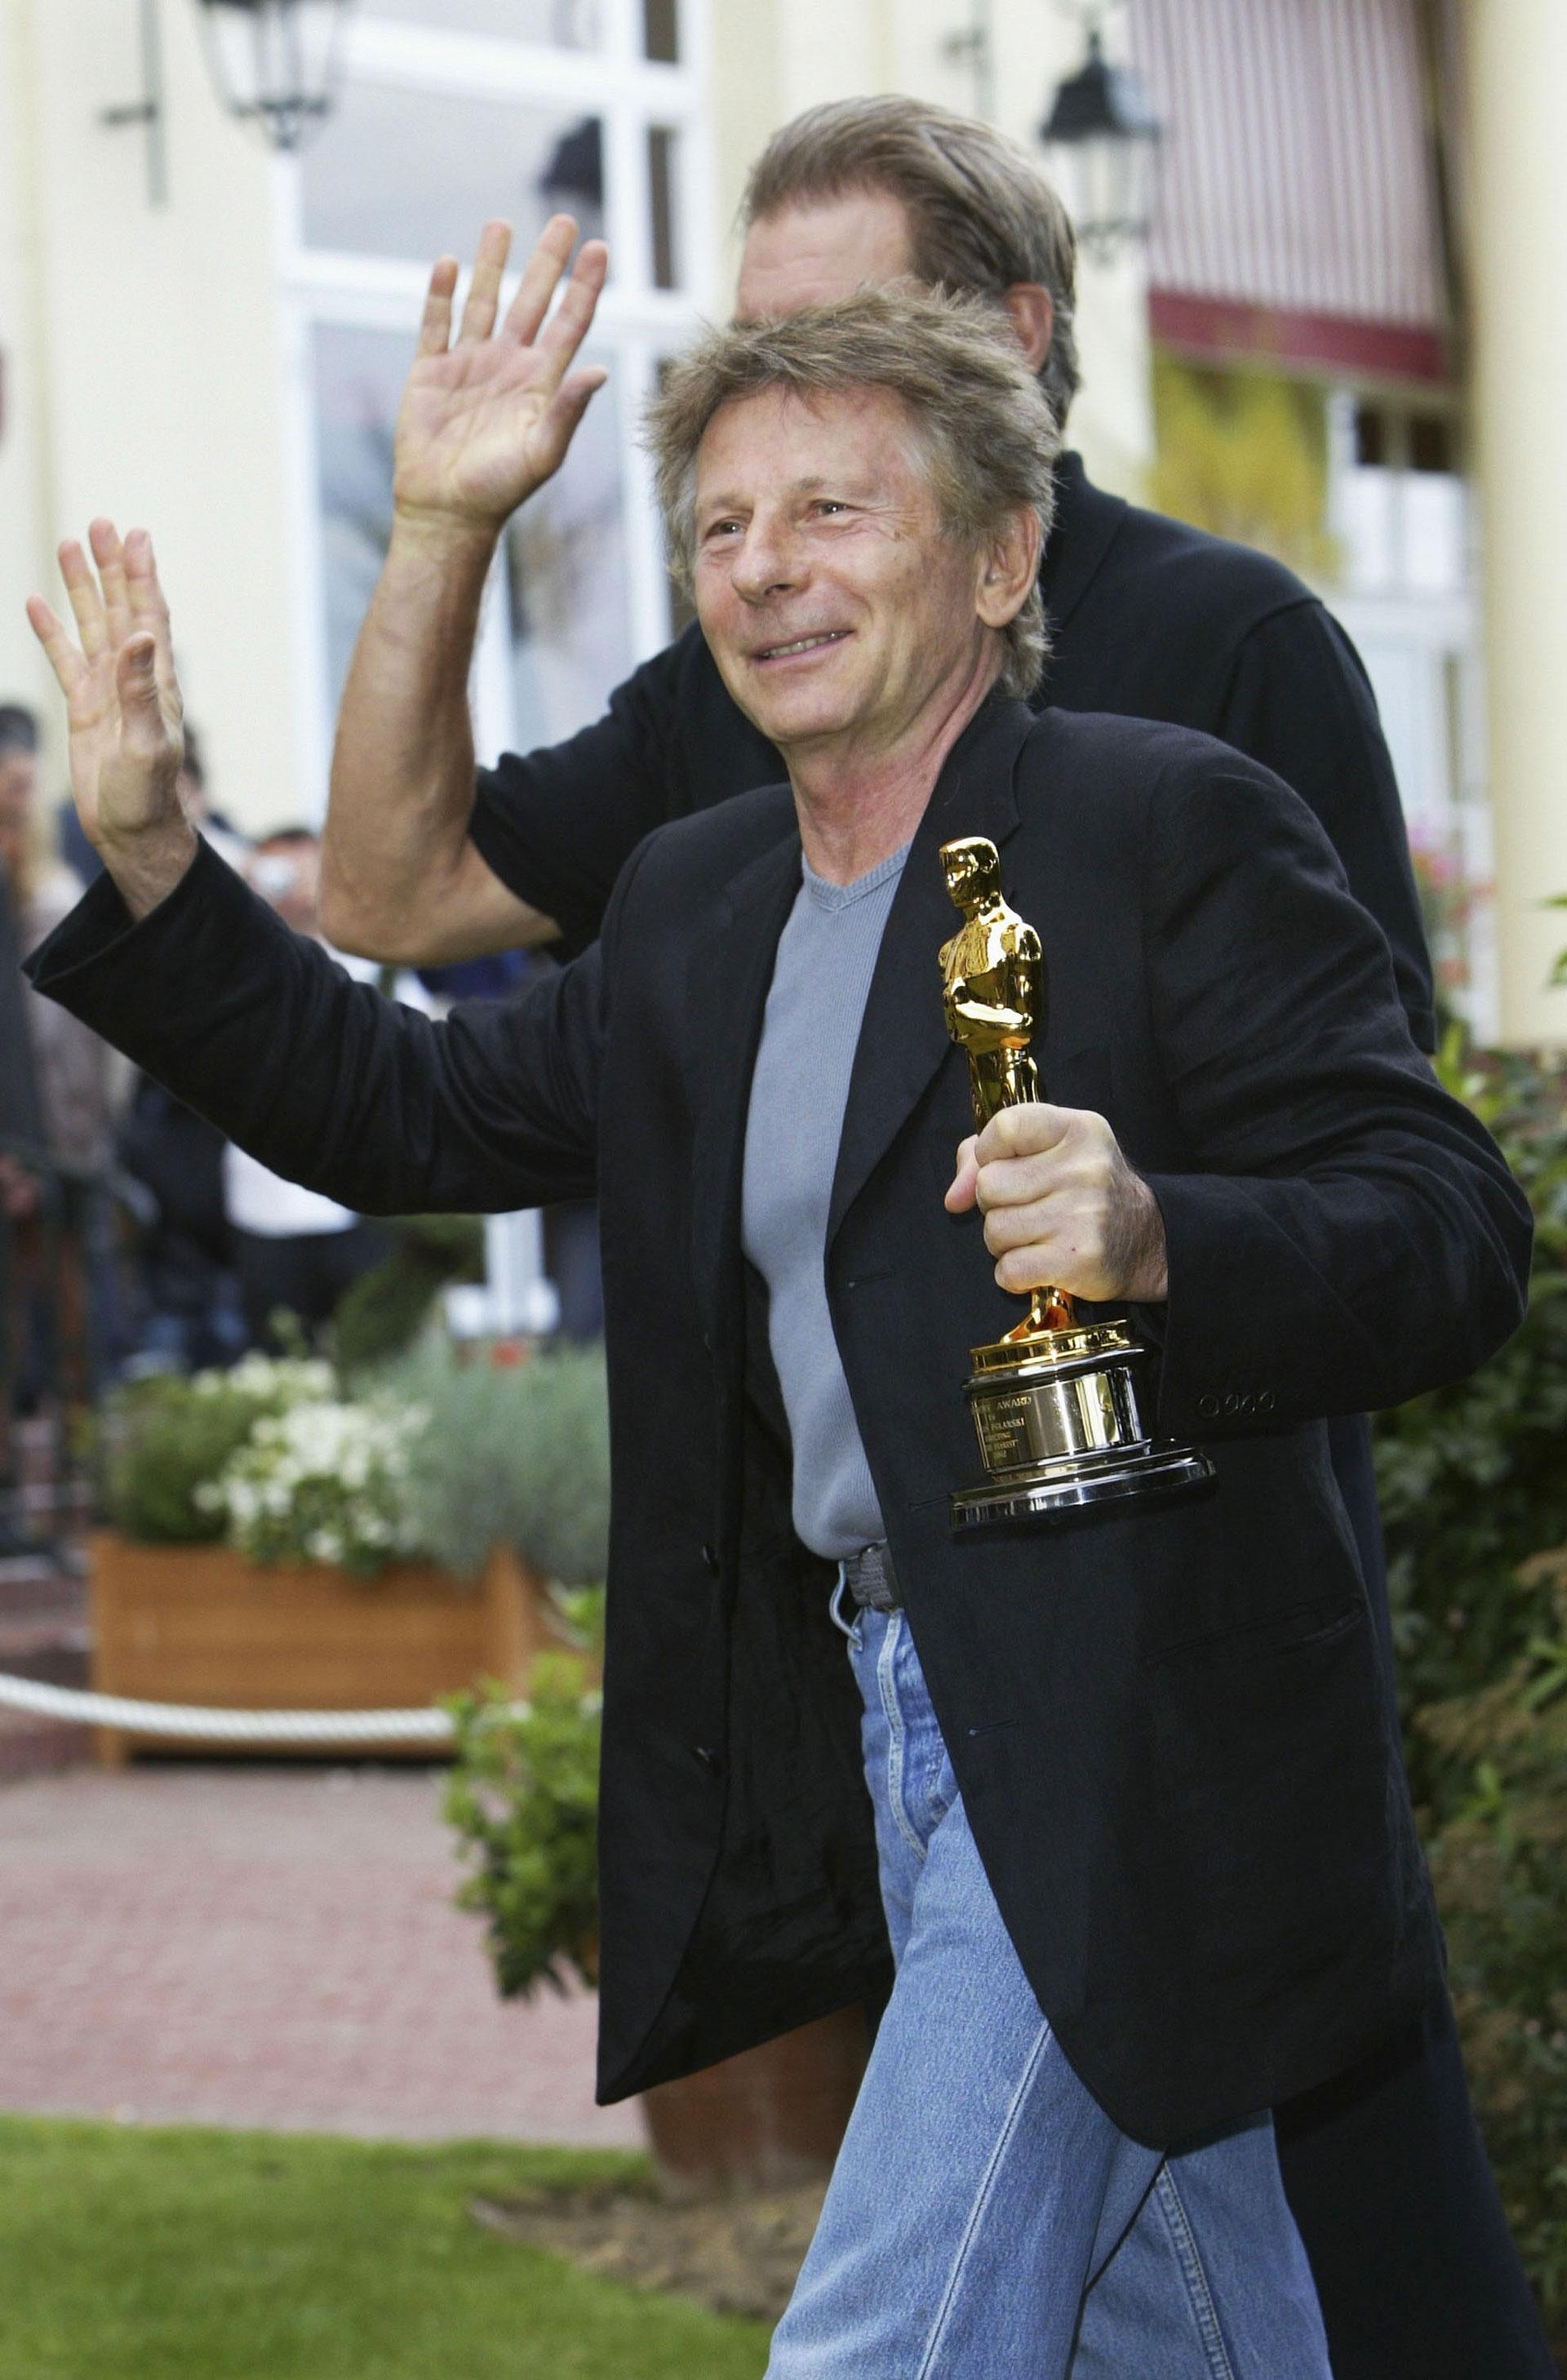 Roman Polanski 2003 Oscar win